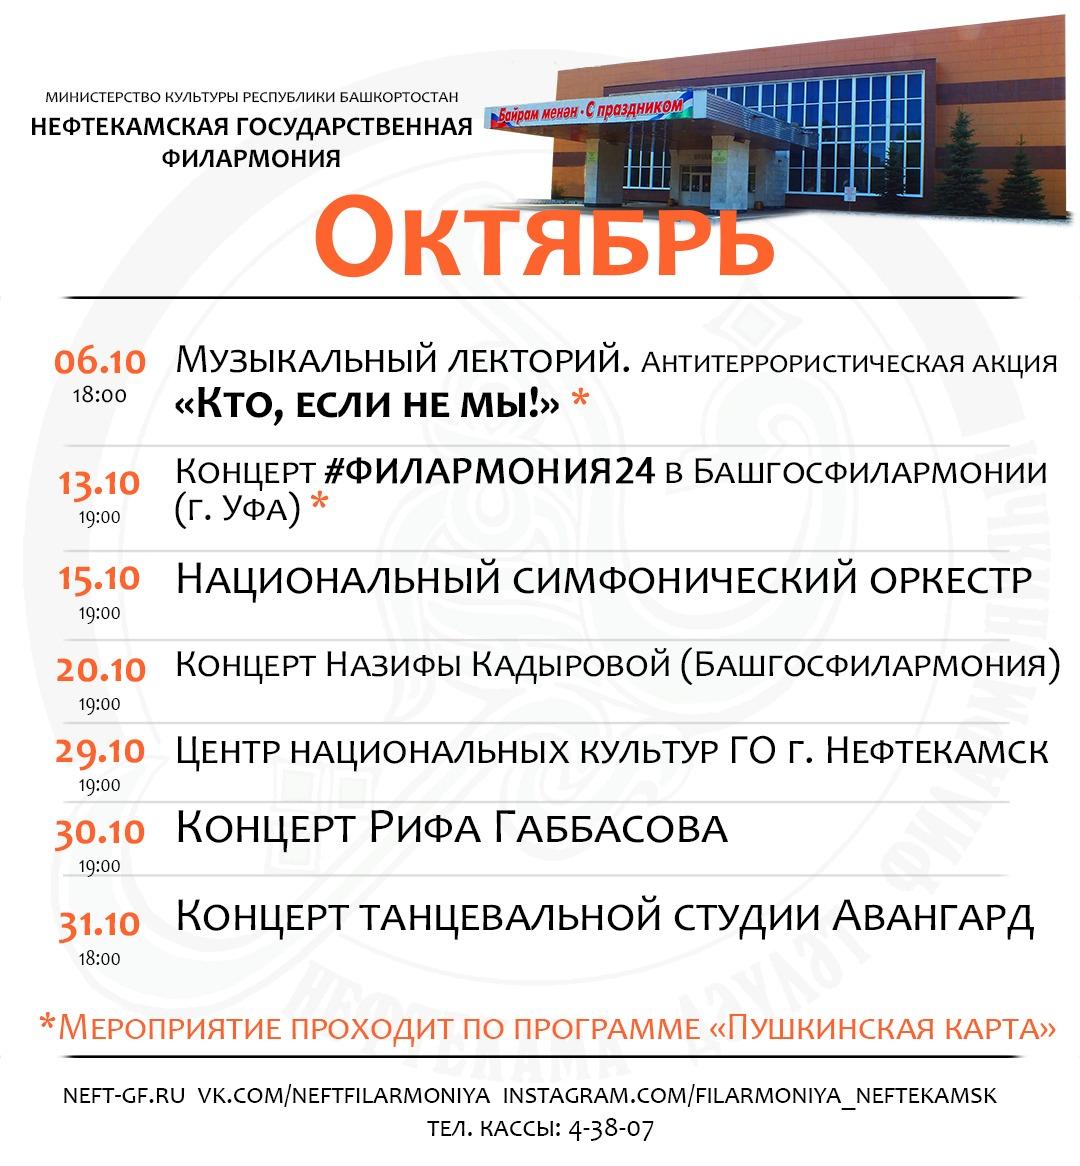 Предлагаем вашему вниманию репертуар Нефтекамской государственной филармонии на октябрь 2021 года!